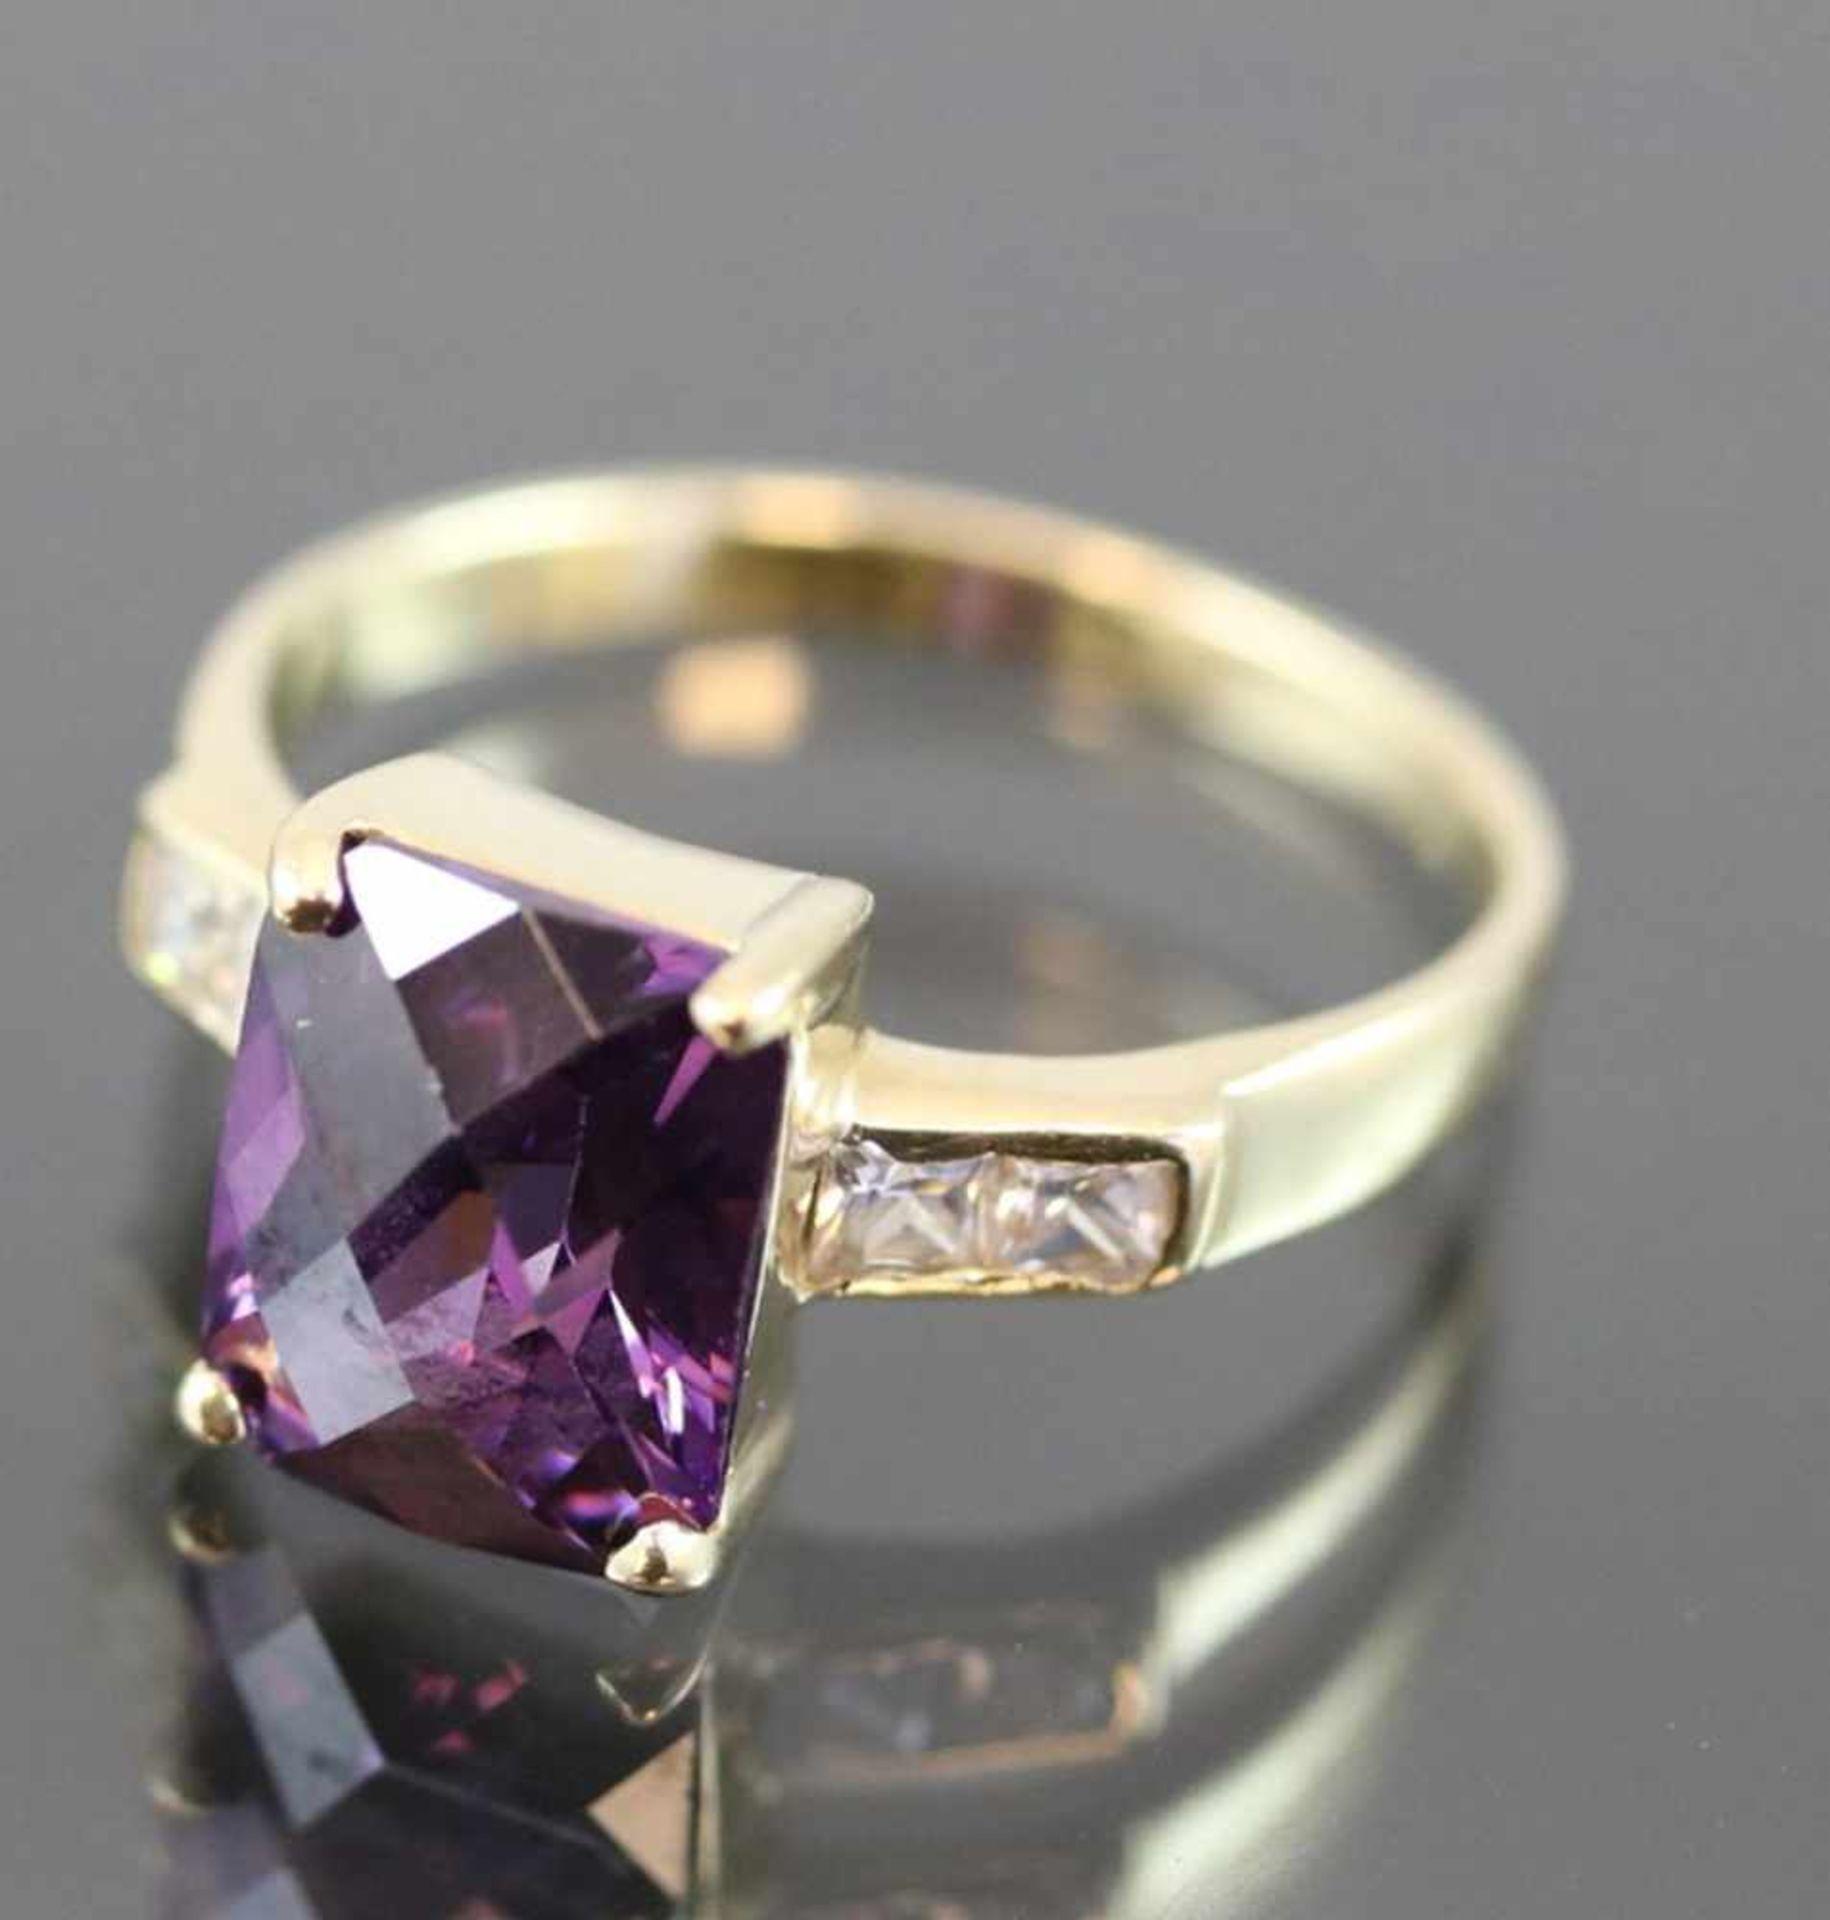 Amethyst-Ring, 585 Gold4,4 Gramm Ringgröße: 56Schätzpreis: 800,-